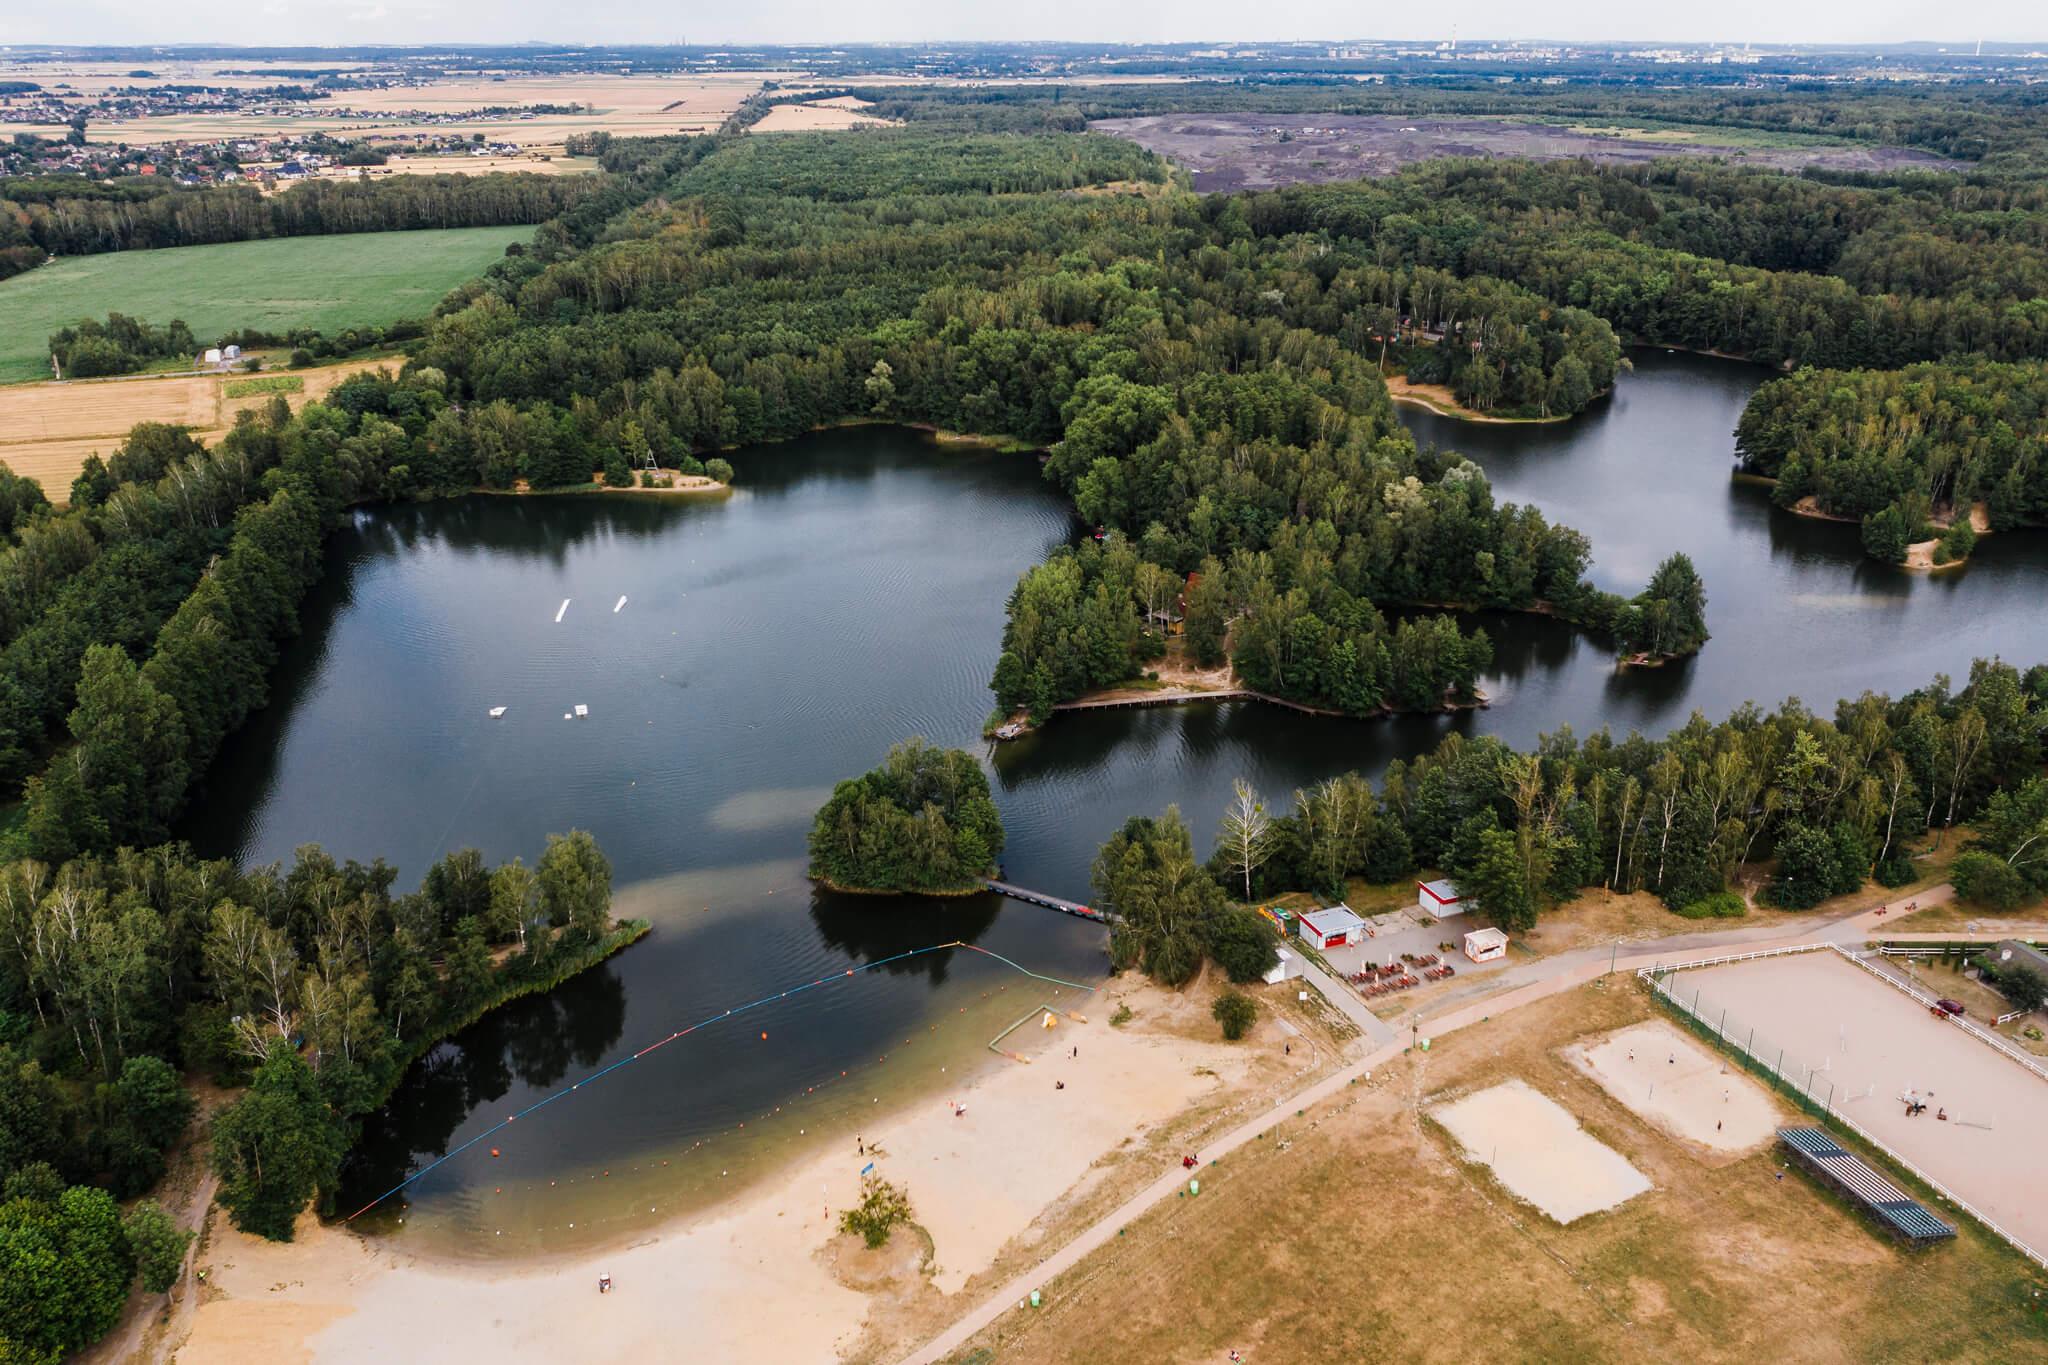 fotograf gliwice - jezioro czechowice.jpg